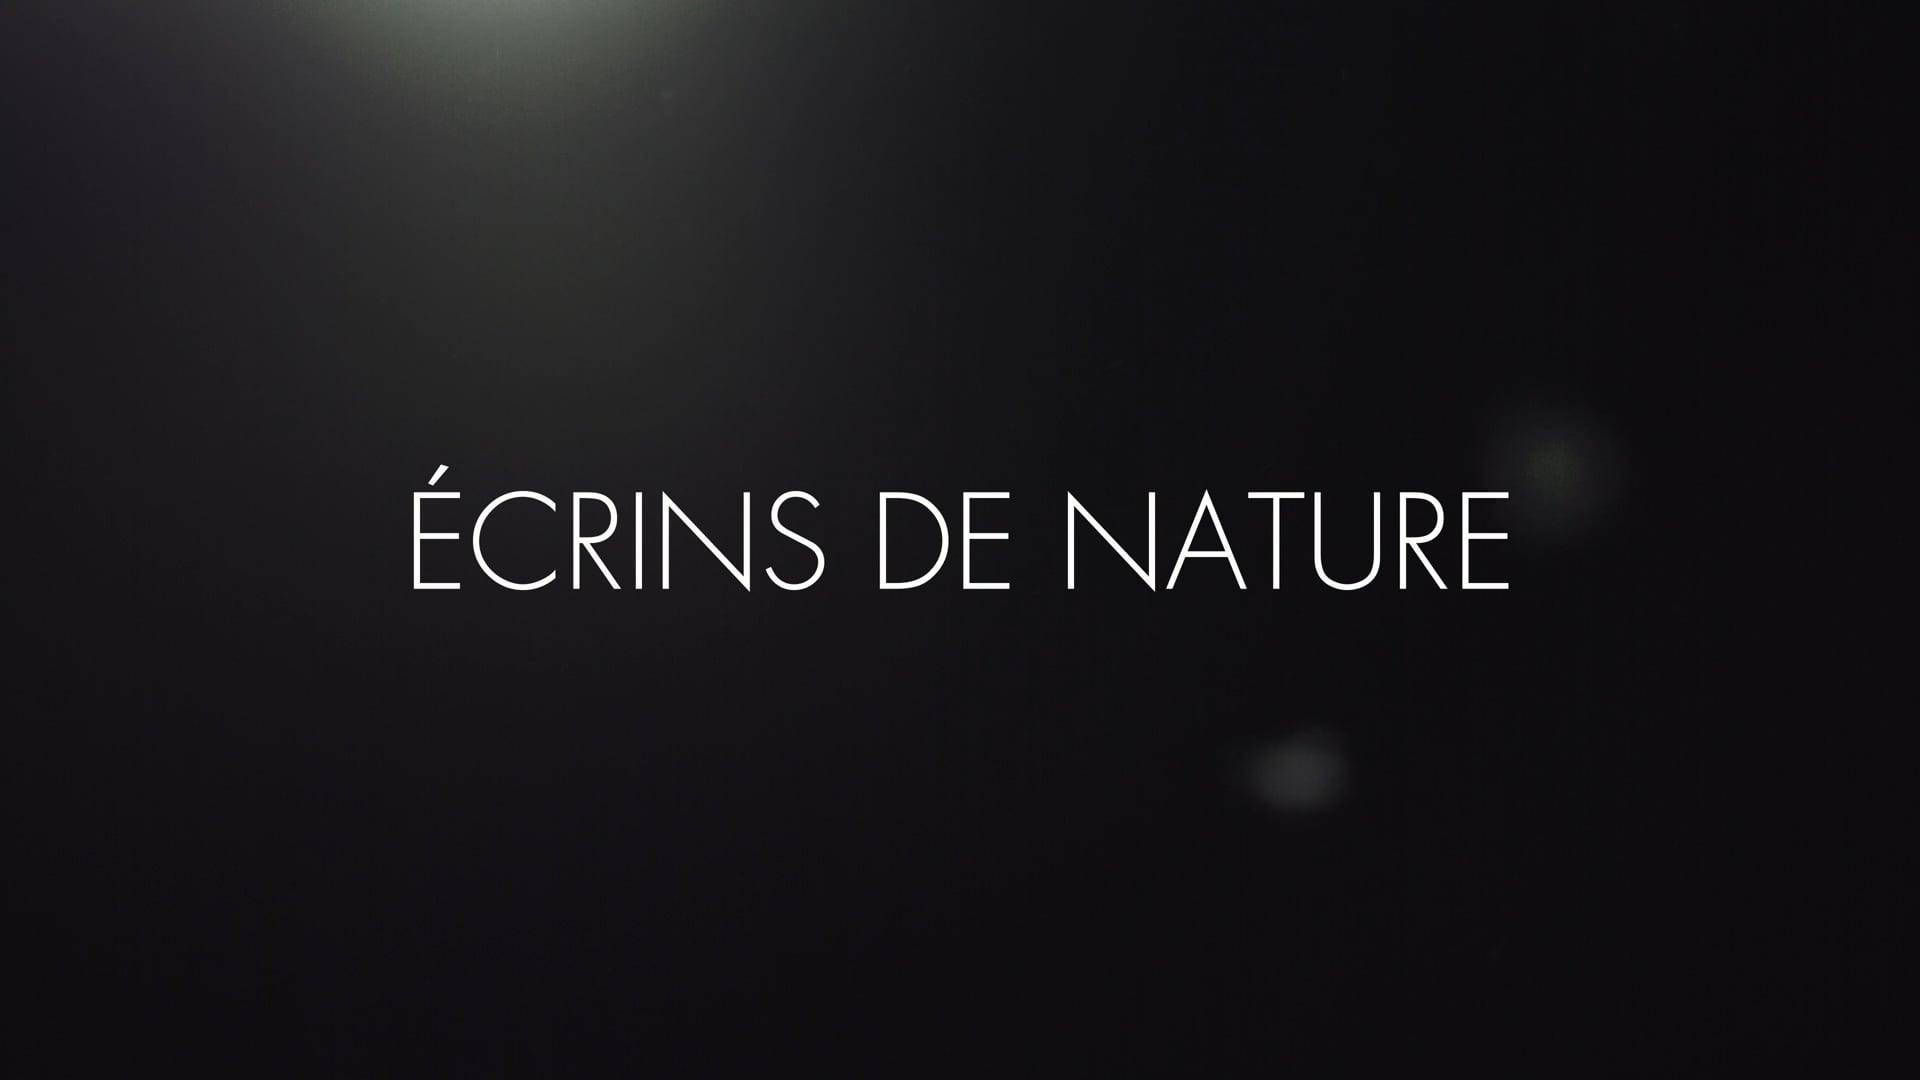 Ecrins de nature